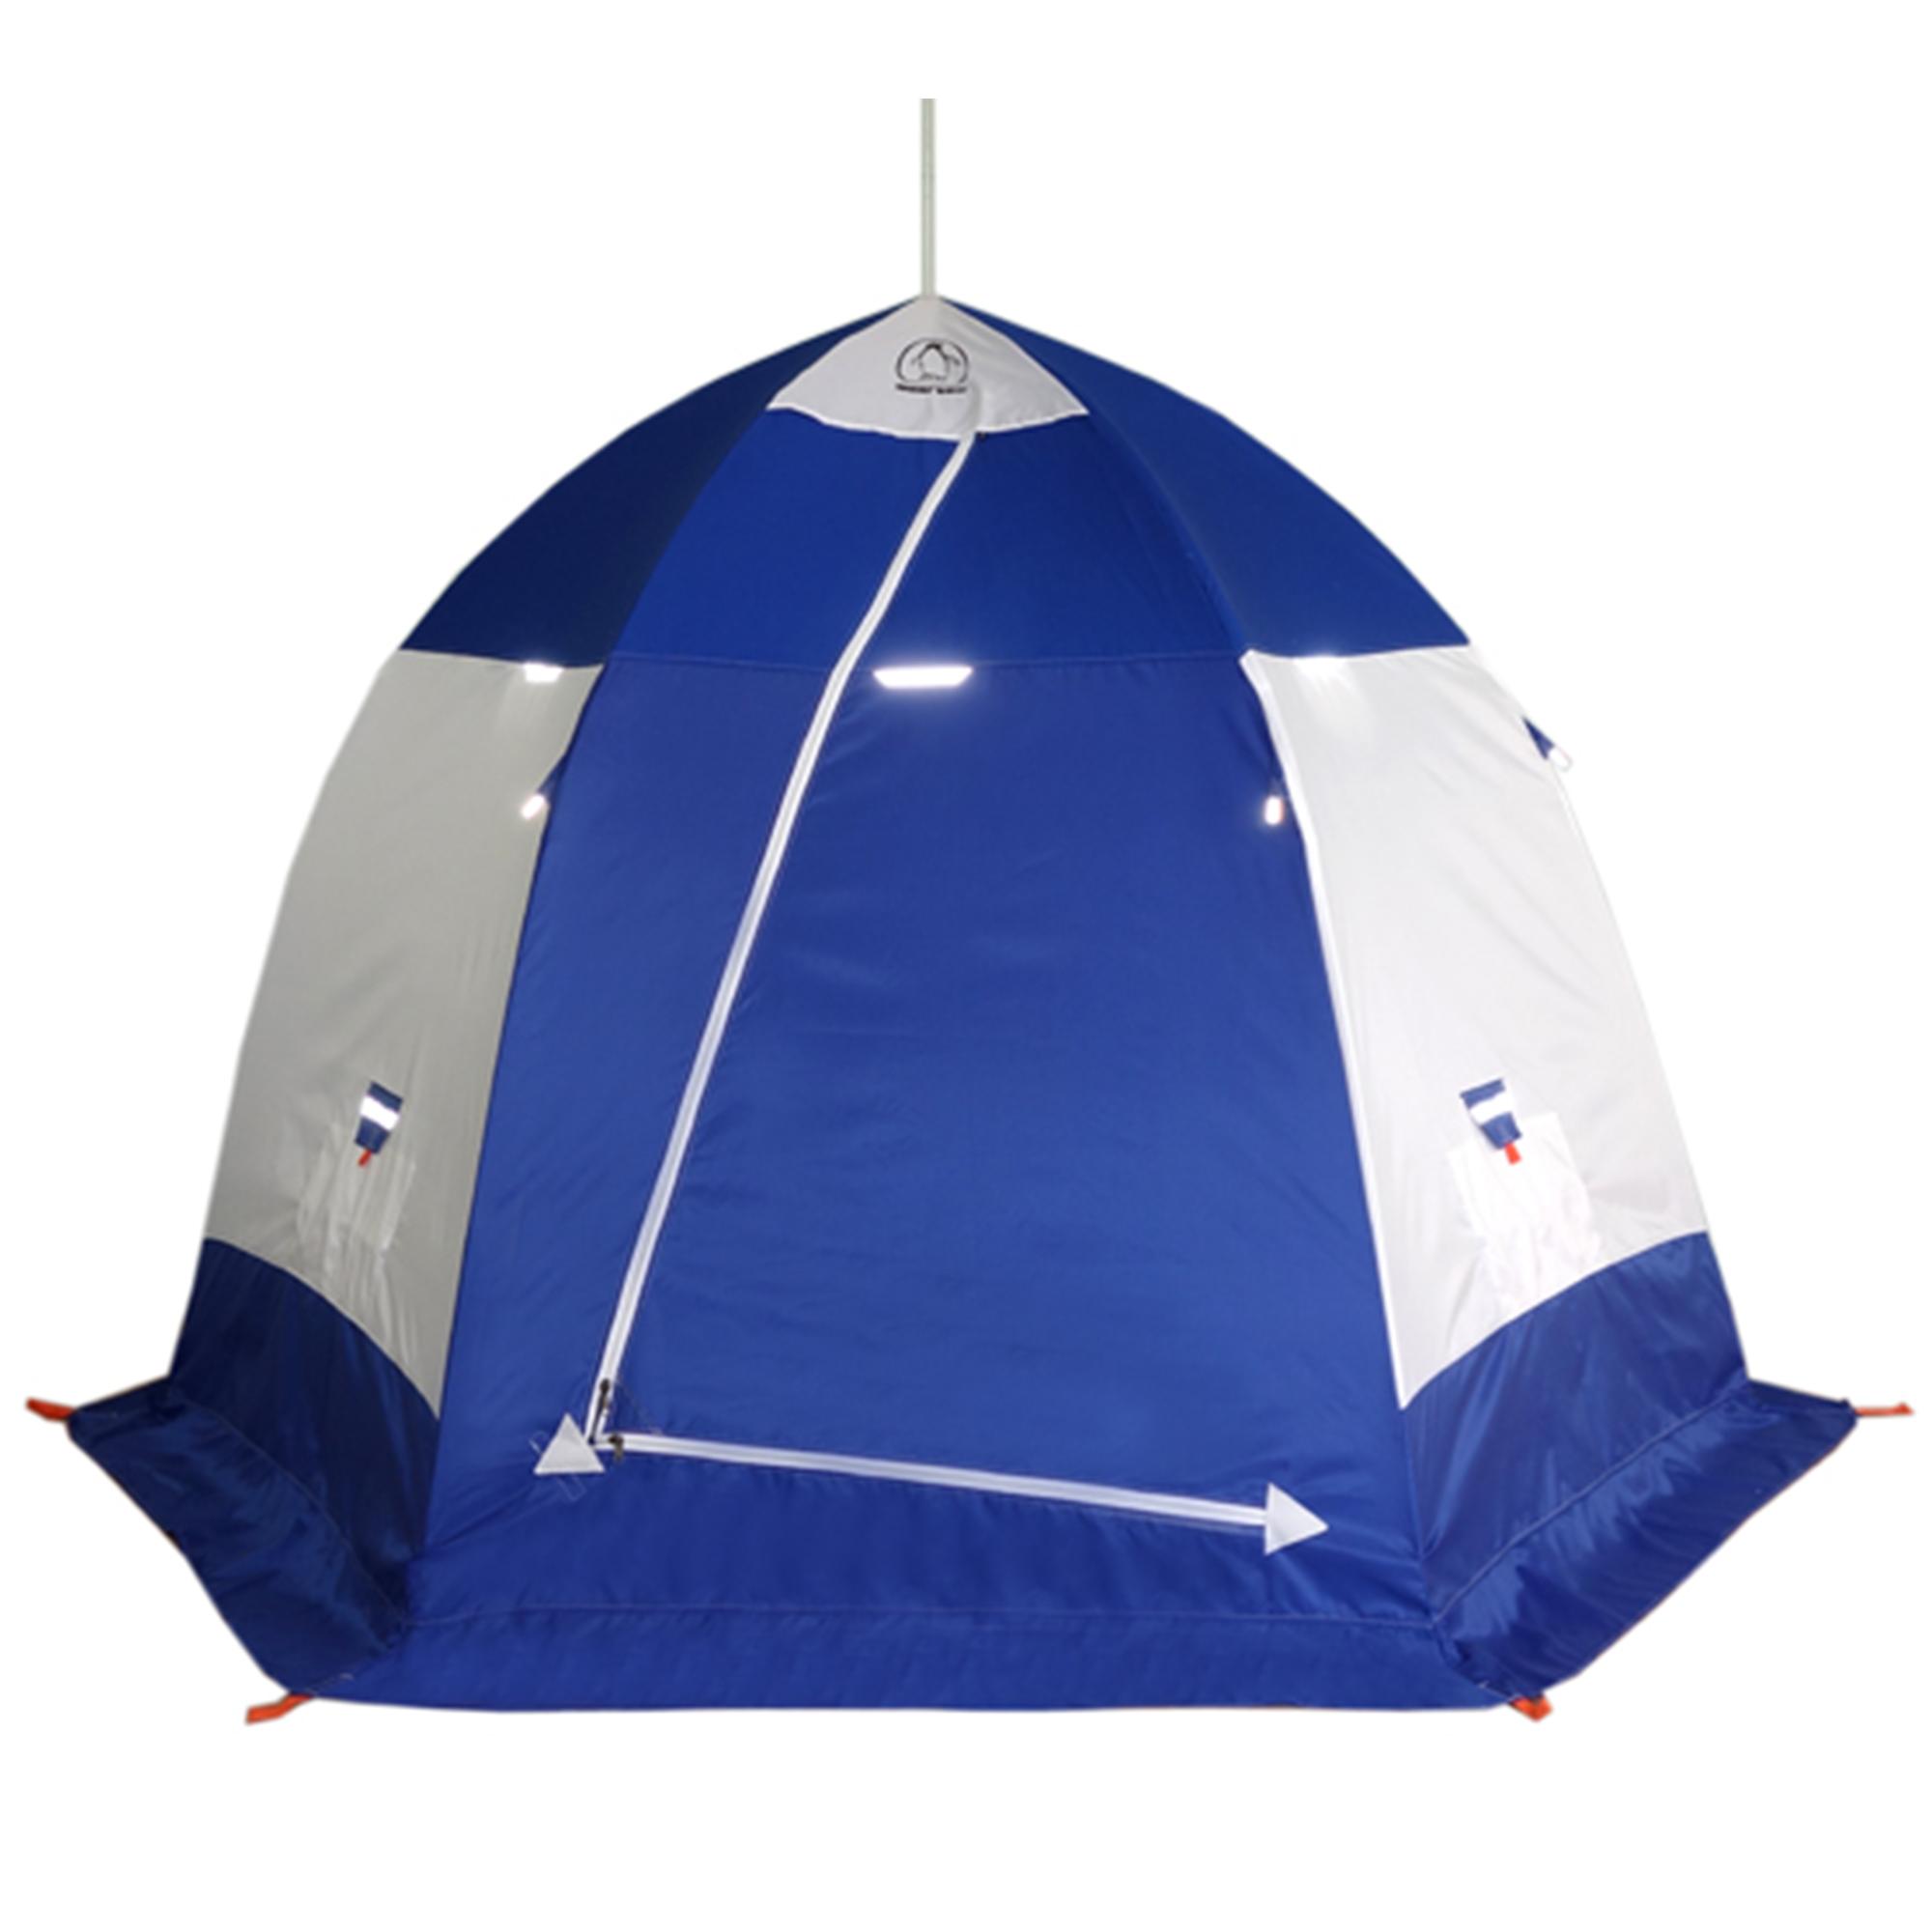 Палатка-зонт ПИНГВИН Пингвин 2 (1-слойная), Палатки - арт. 1128390162